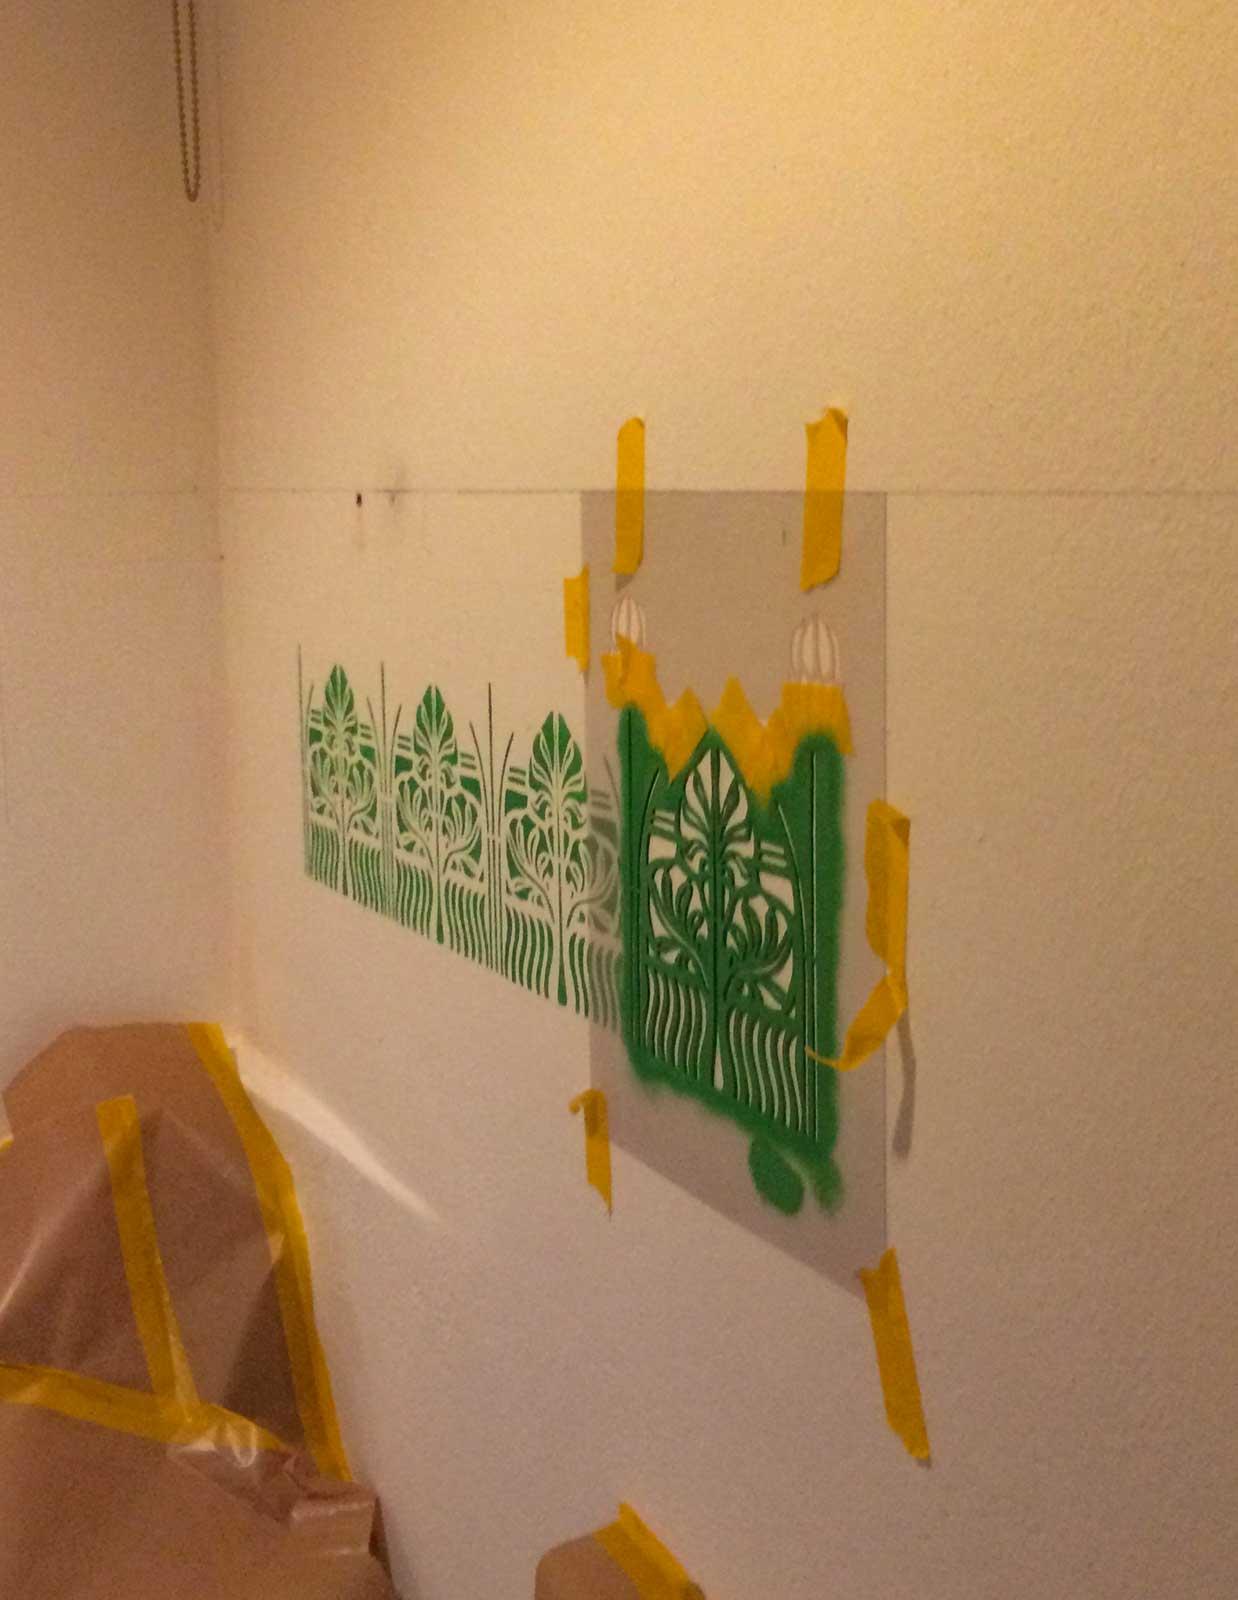 Badezimmer Sanierung, Borte mit Schablone erstellt